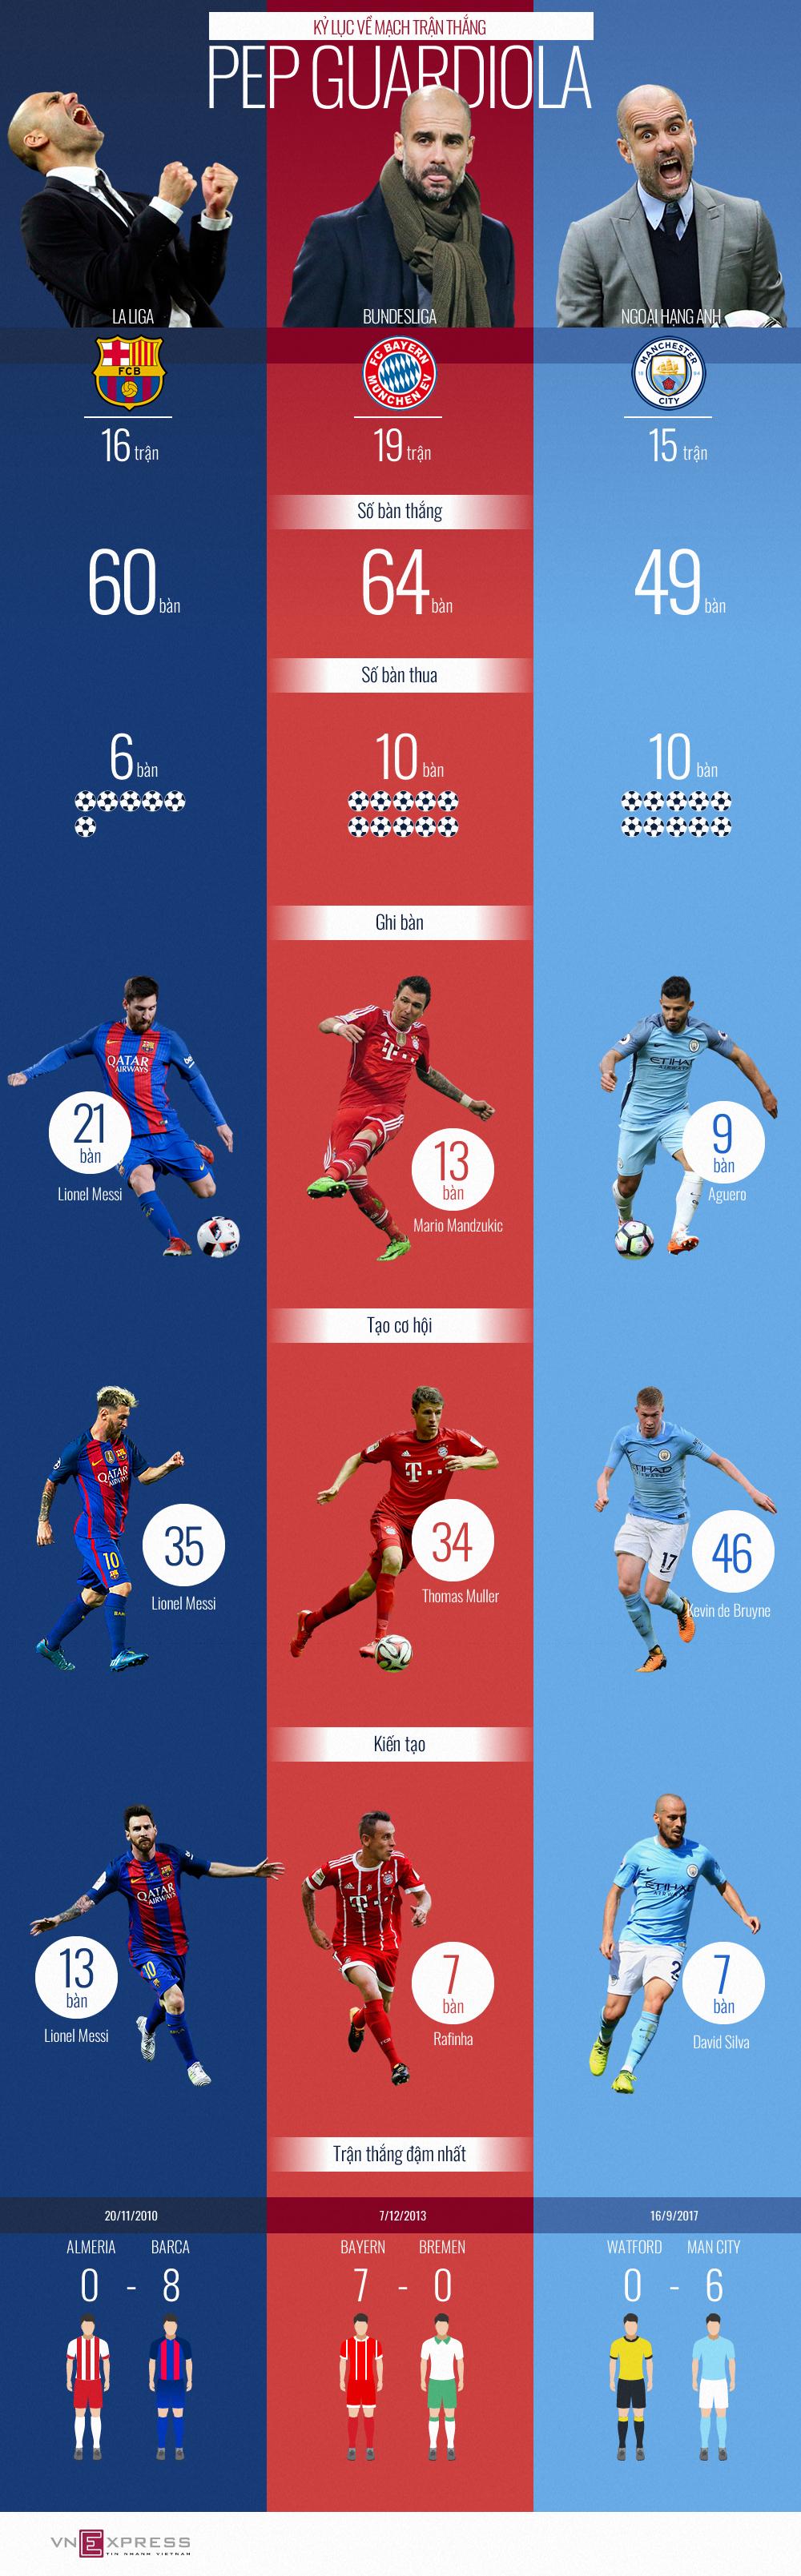 Guardiola và ba kỷ lục về mạch thắng ở ba giải VĐQG